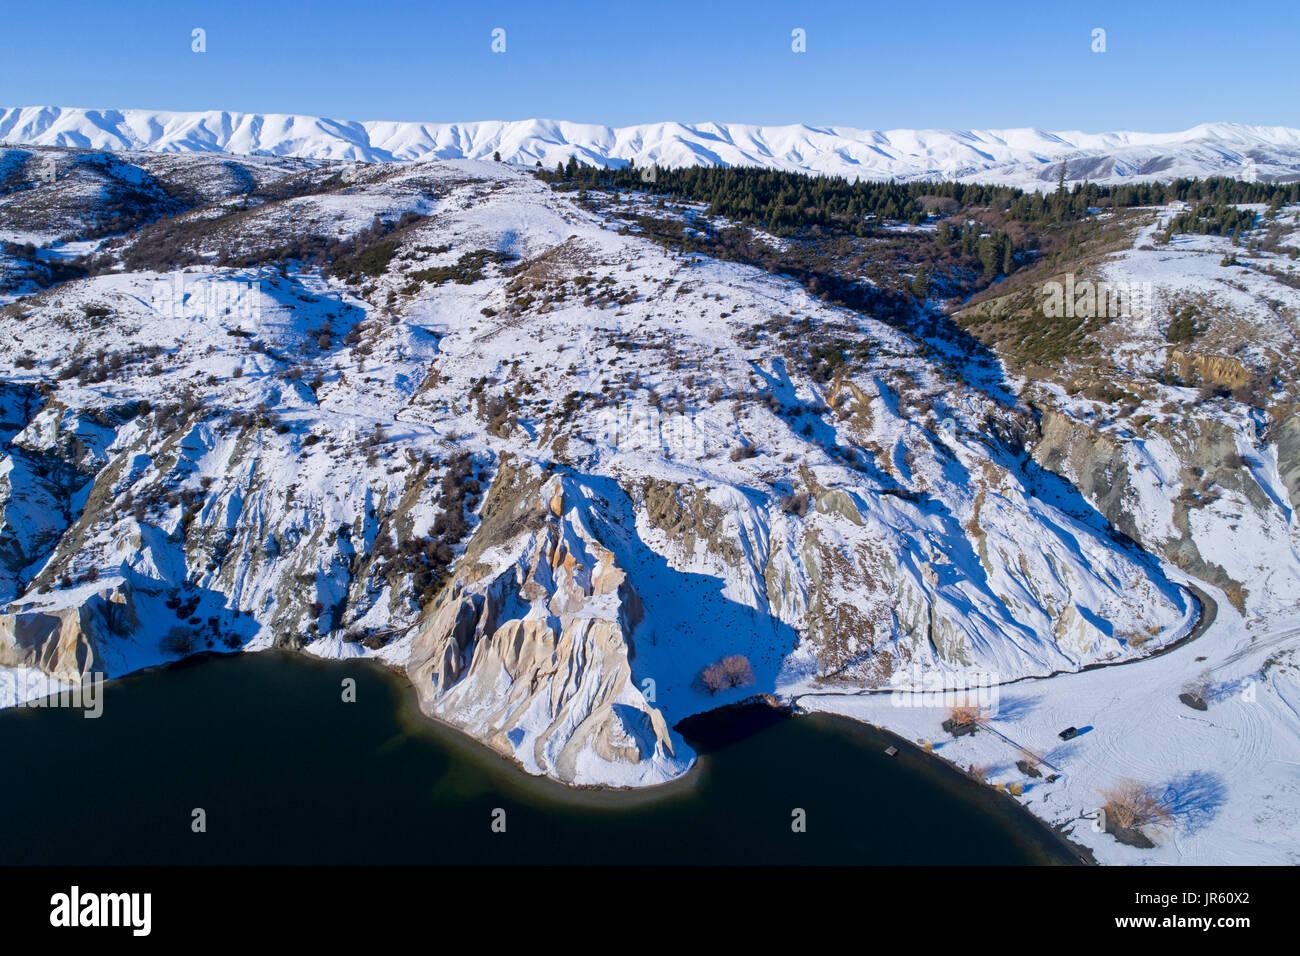 Schnee in Blue Lake, St Bathans, und Hawkdun Bereich, Maniototo, Central Otago, Südinsel, Neuseeland - Luftbild Drohne Stockbild